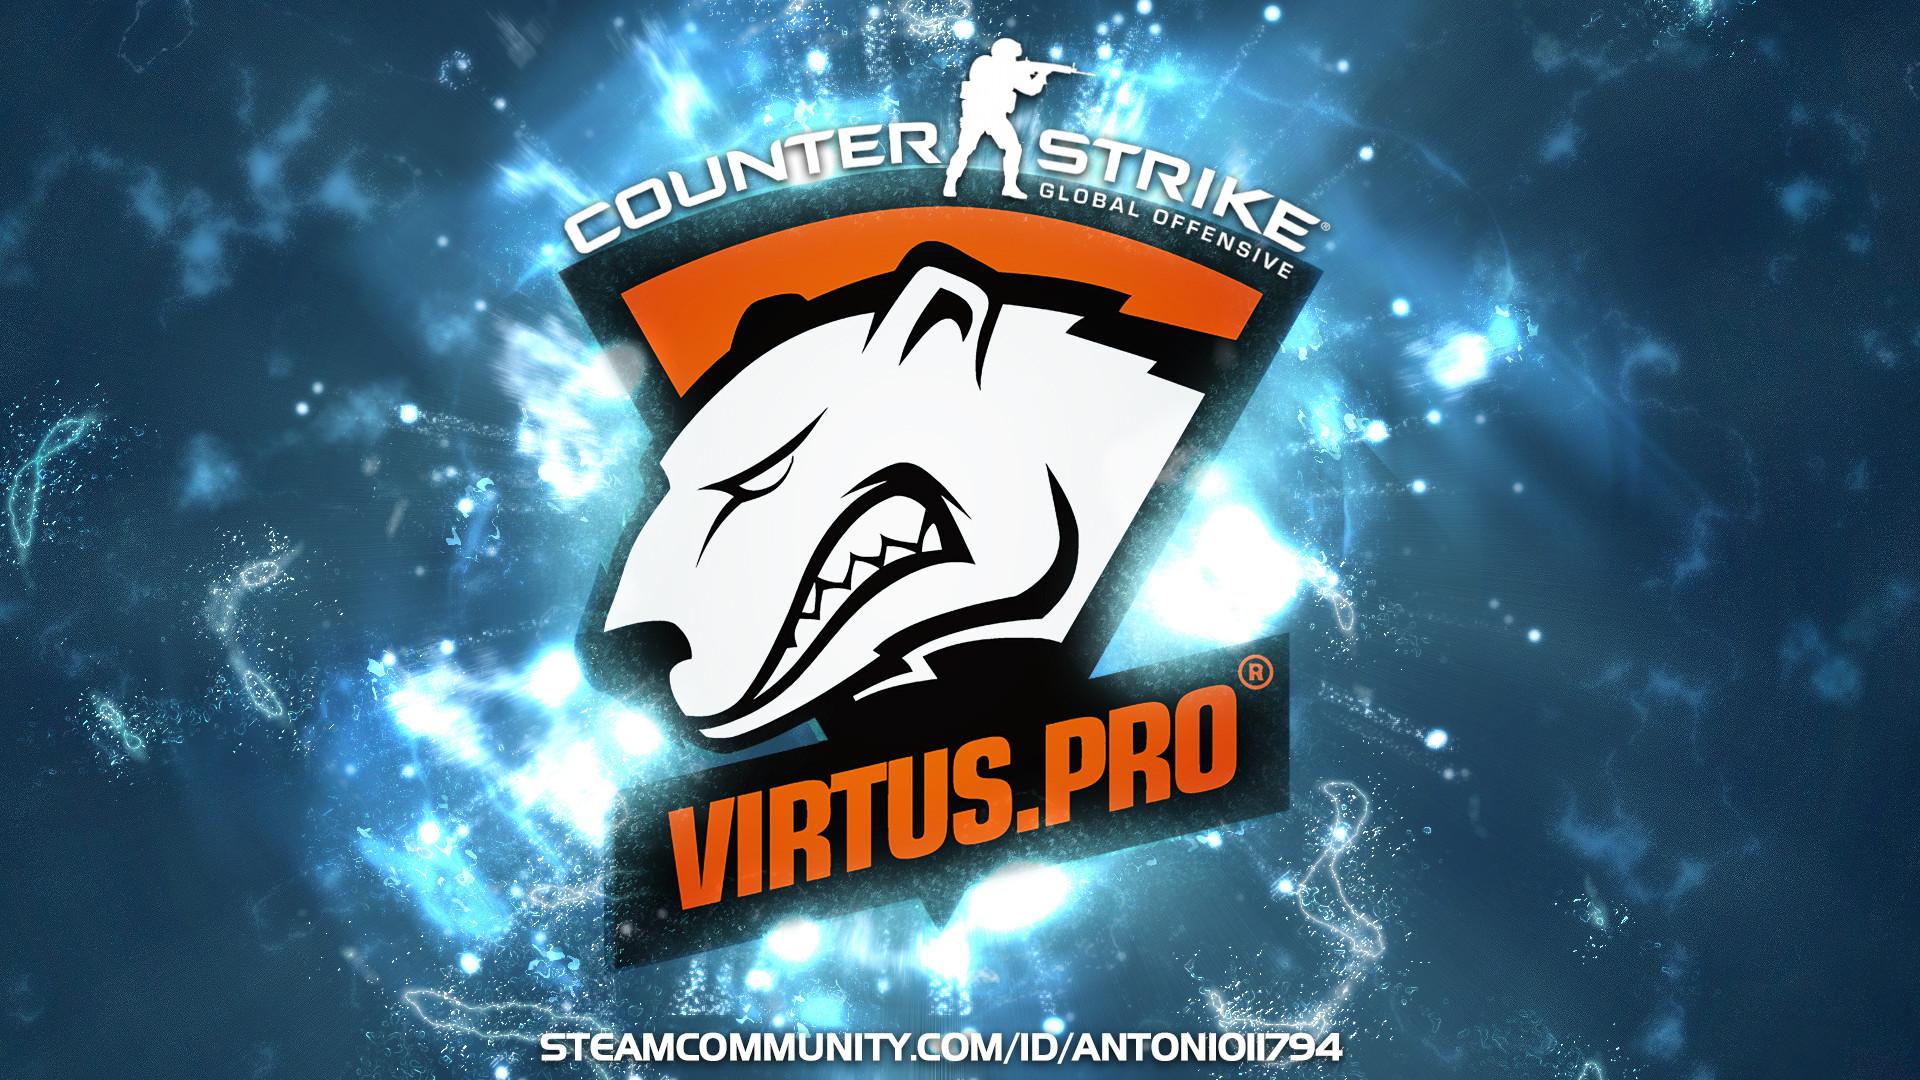 CS:GO teams wallpaper 1080p